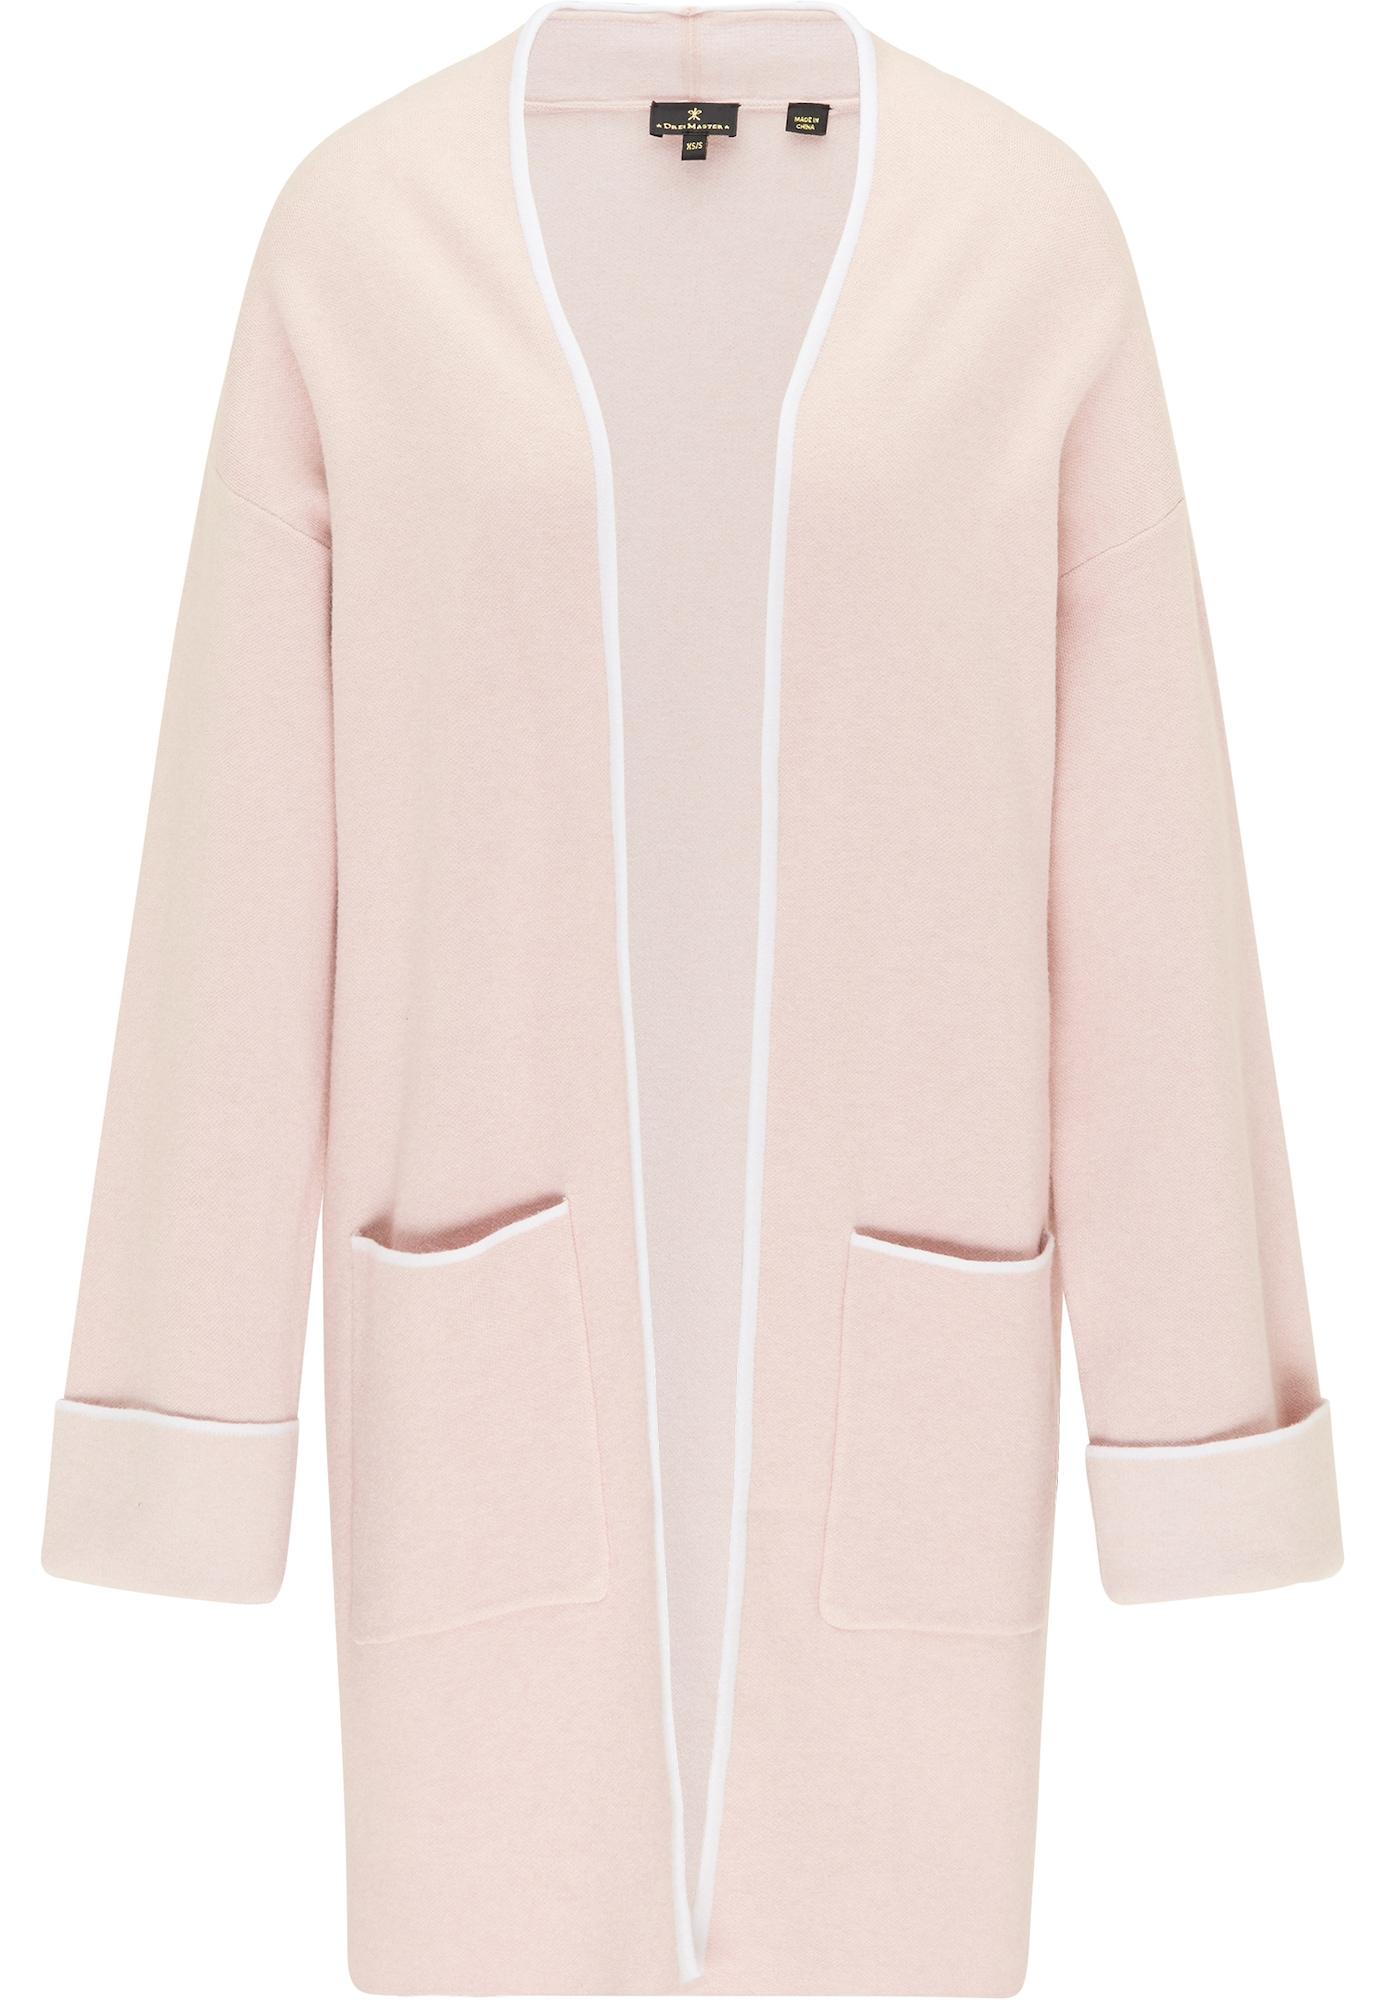 DreiMaster Klassik Ilgas kardiganas ryškiai rožinė spalva / balta